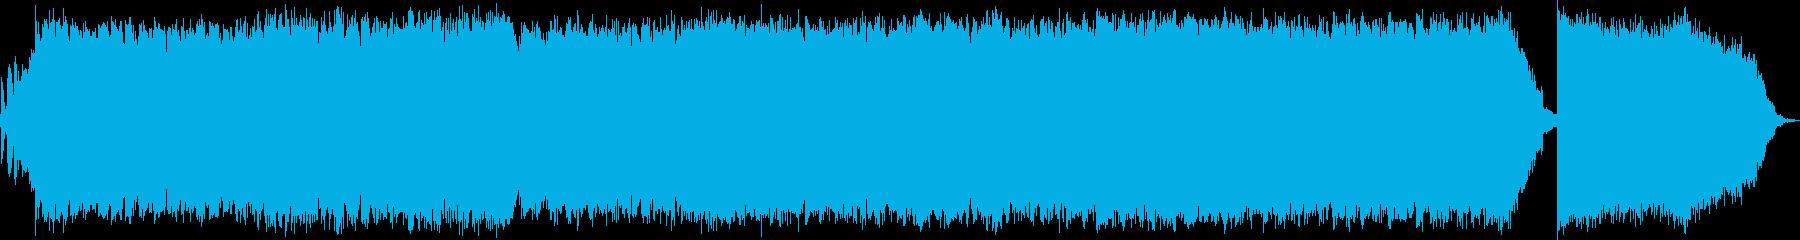 クールにリズムを刻むお洒落エレクトロニカの再生済みの波形